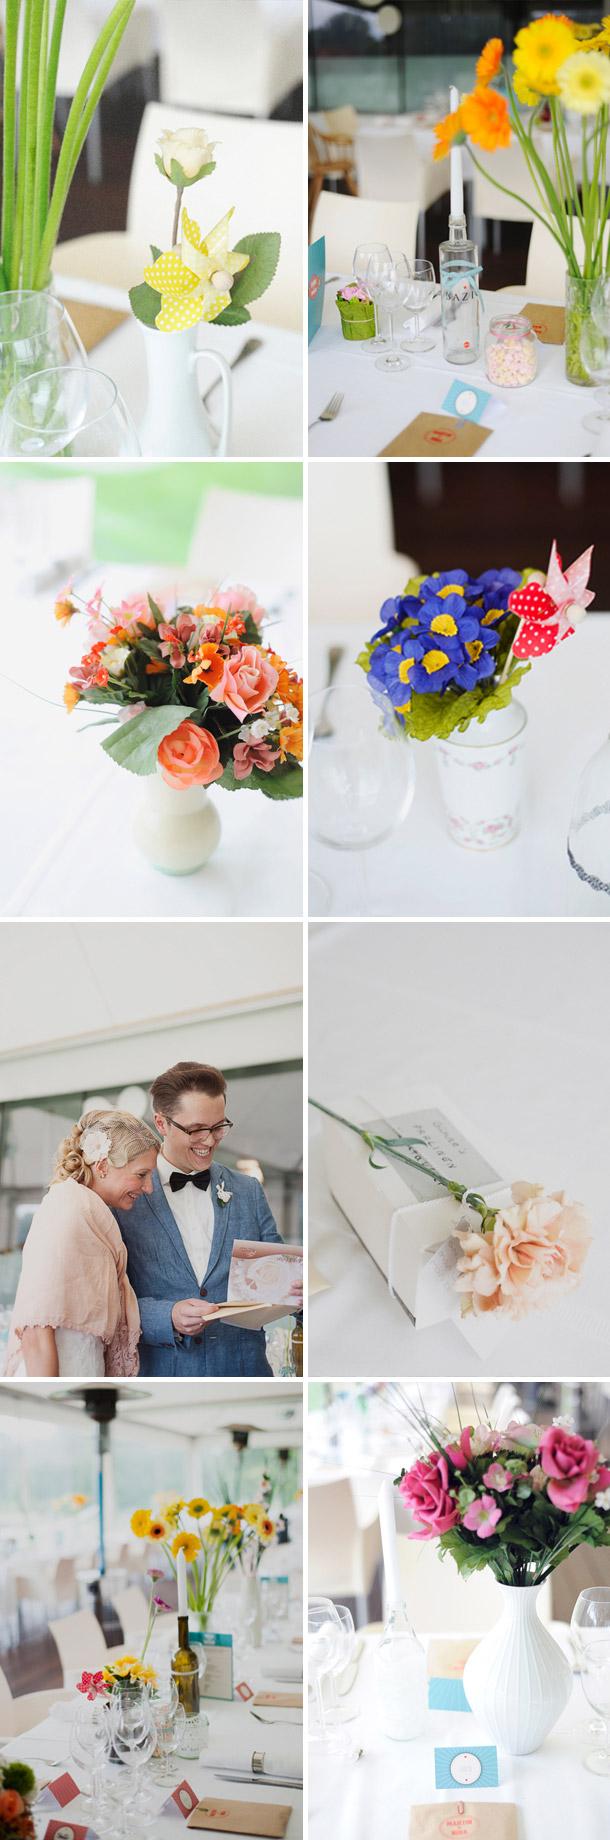 Café del Sol Hochzeit von Britta Schunck Fotografie